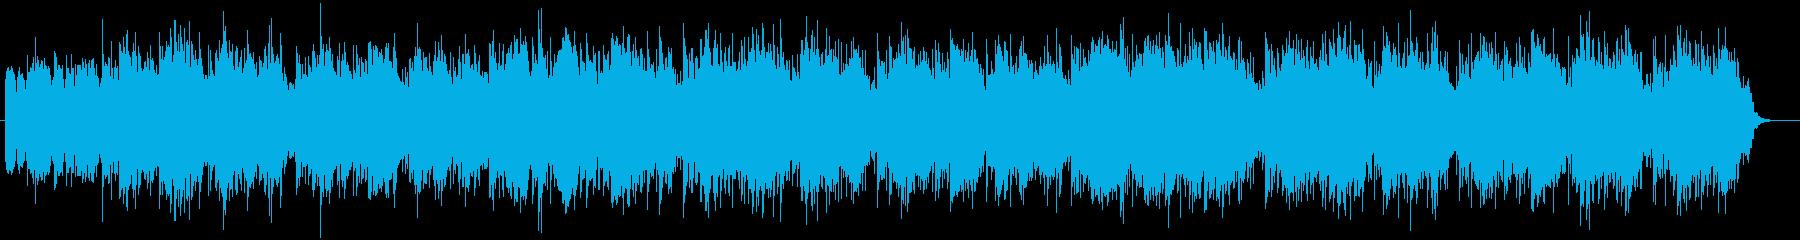 開放感のあるシンセポップの再生済みの波形